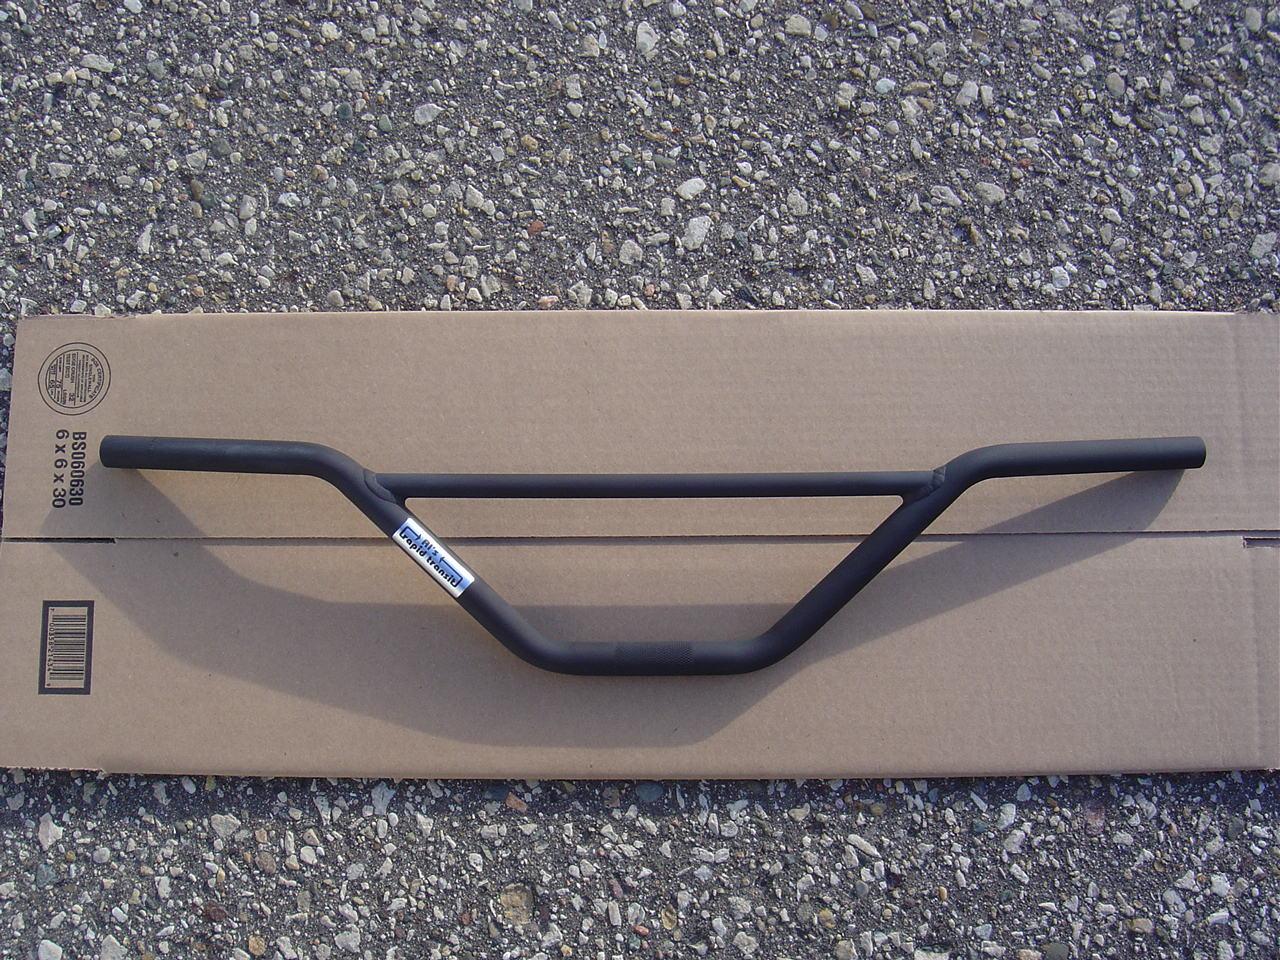 RAW Al/'s Rapid Transit V-Bars BMX Handlebar 29 x 9 4130 USA Knurled NEW 2nd Gen